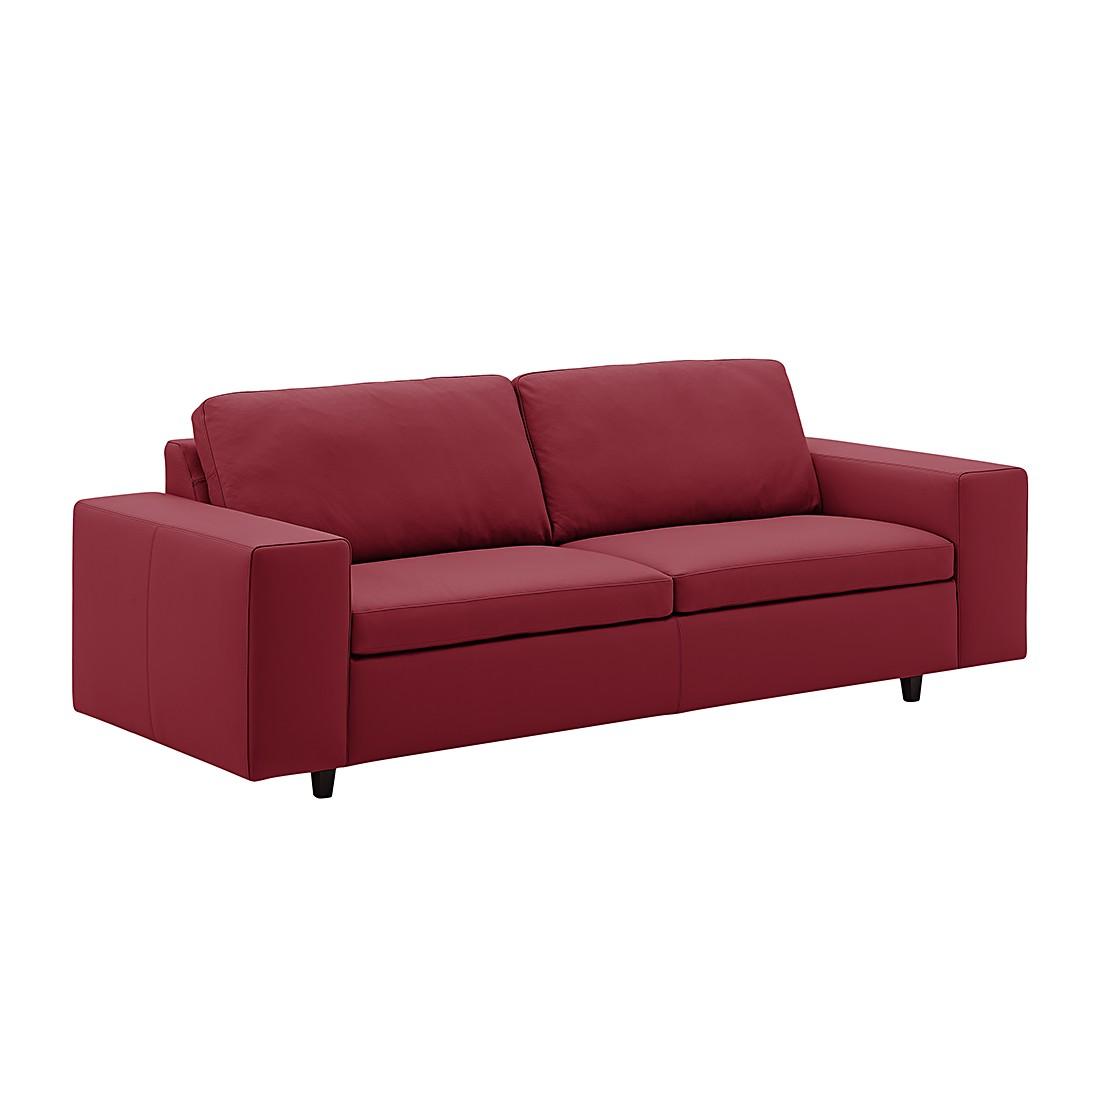 Machalke Sofa Online Kaufen Möbel Online Günstig Kaufen über